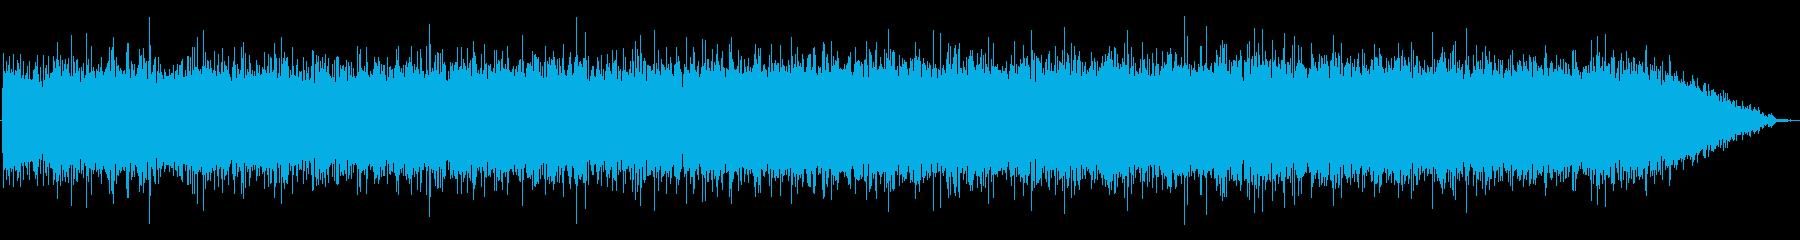 イメージ バブリングウォーター01の再生済みの波形